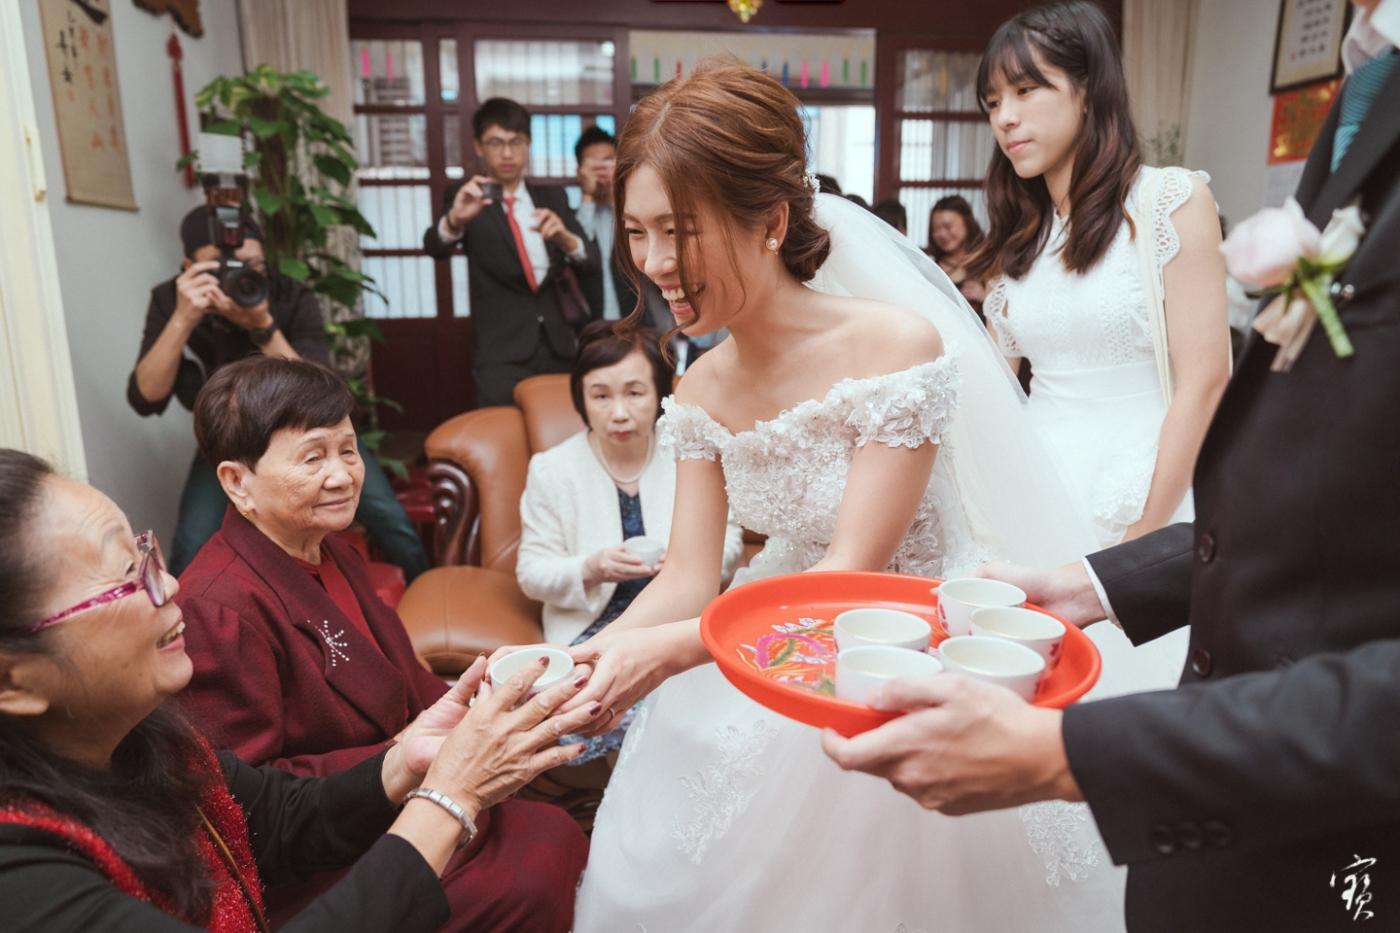 婚禮攝影 新竹彭園 冬伴影像 攝影師大寶 婚紗攝影 新娘新郎 早儀午宴20181125-198